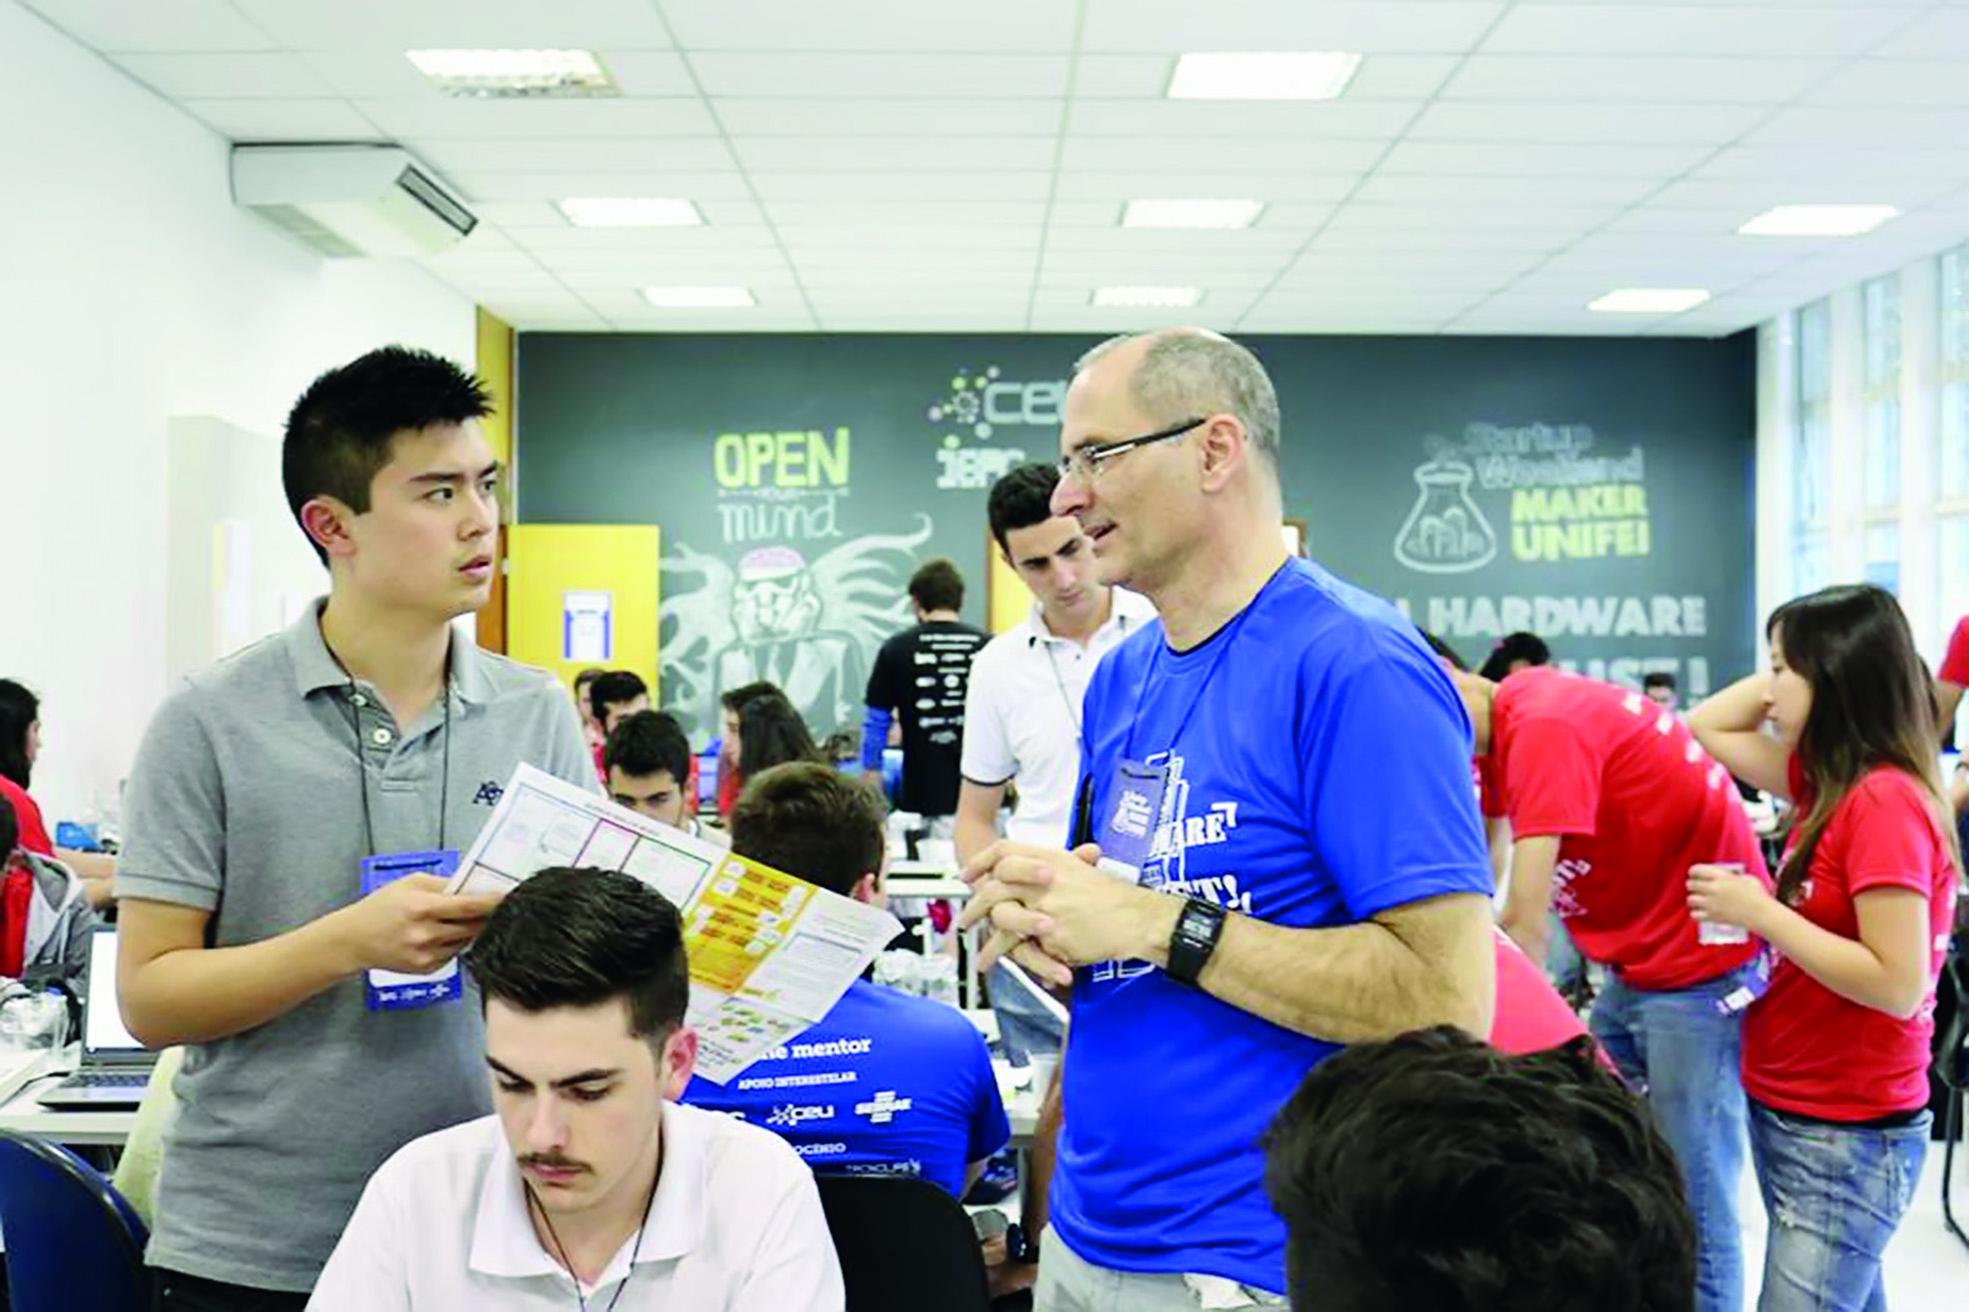 Startup Weekend, em Itajubá-MG; proposta é incentivar novos empreendedores e buscar ideias inovadoras (Foto: Divulgação)